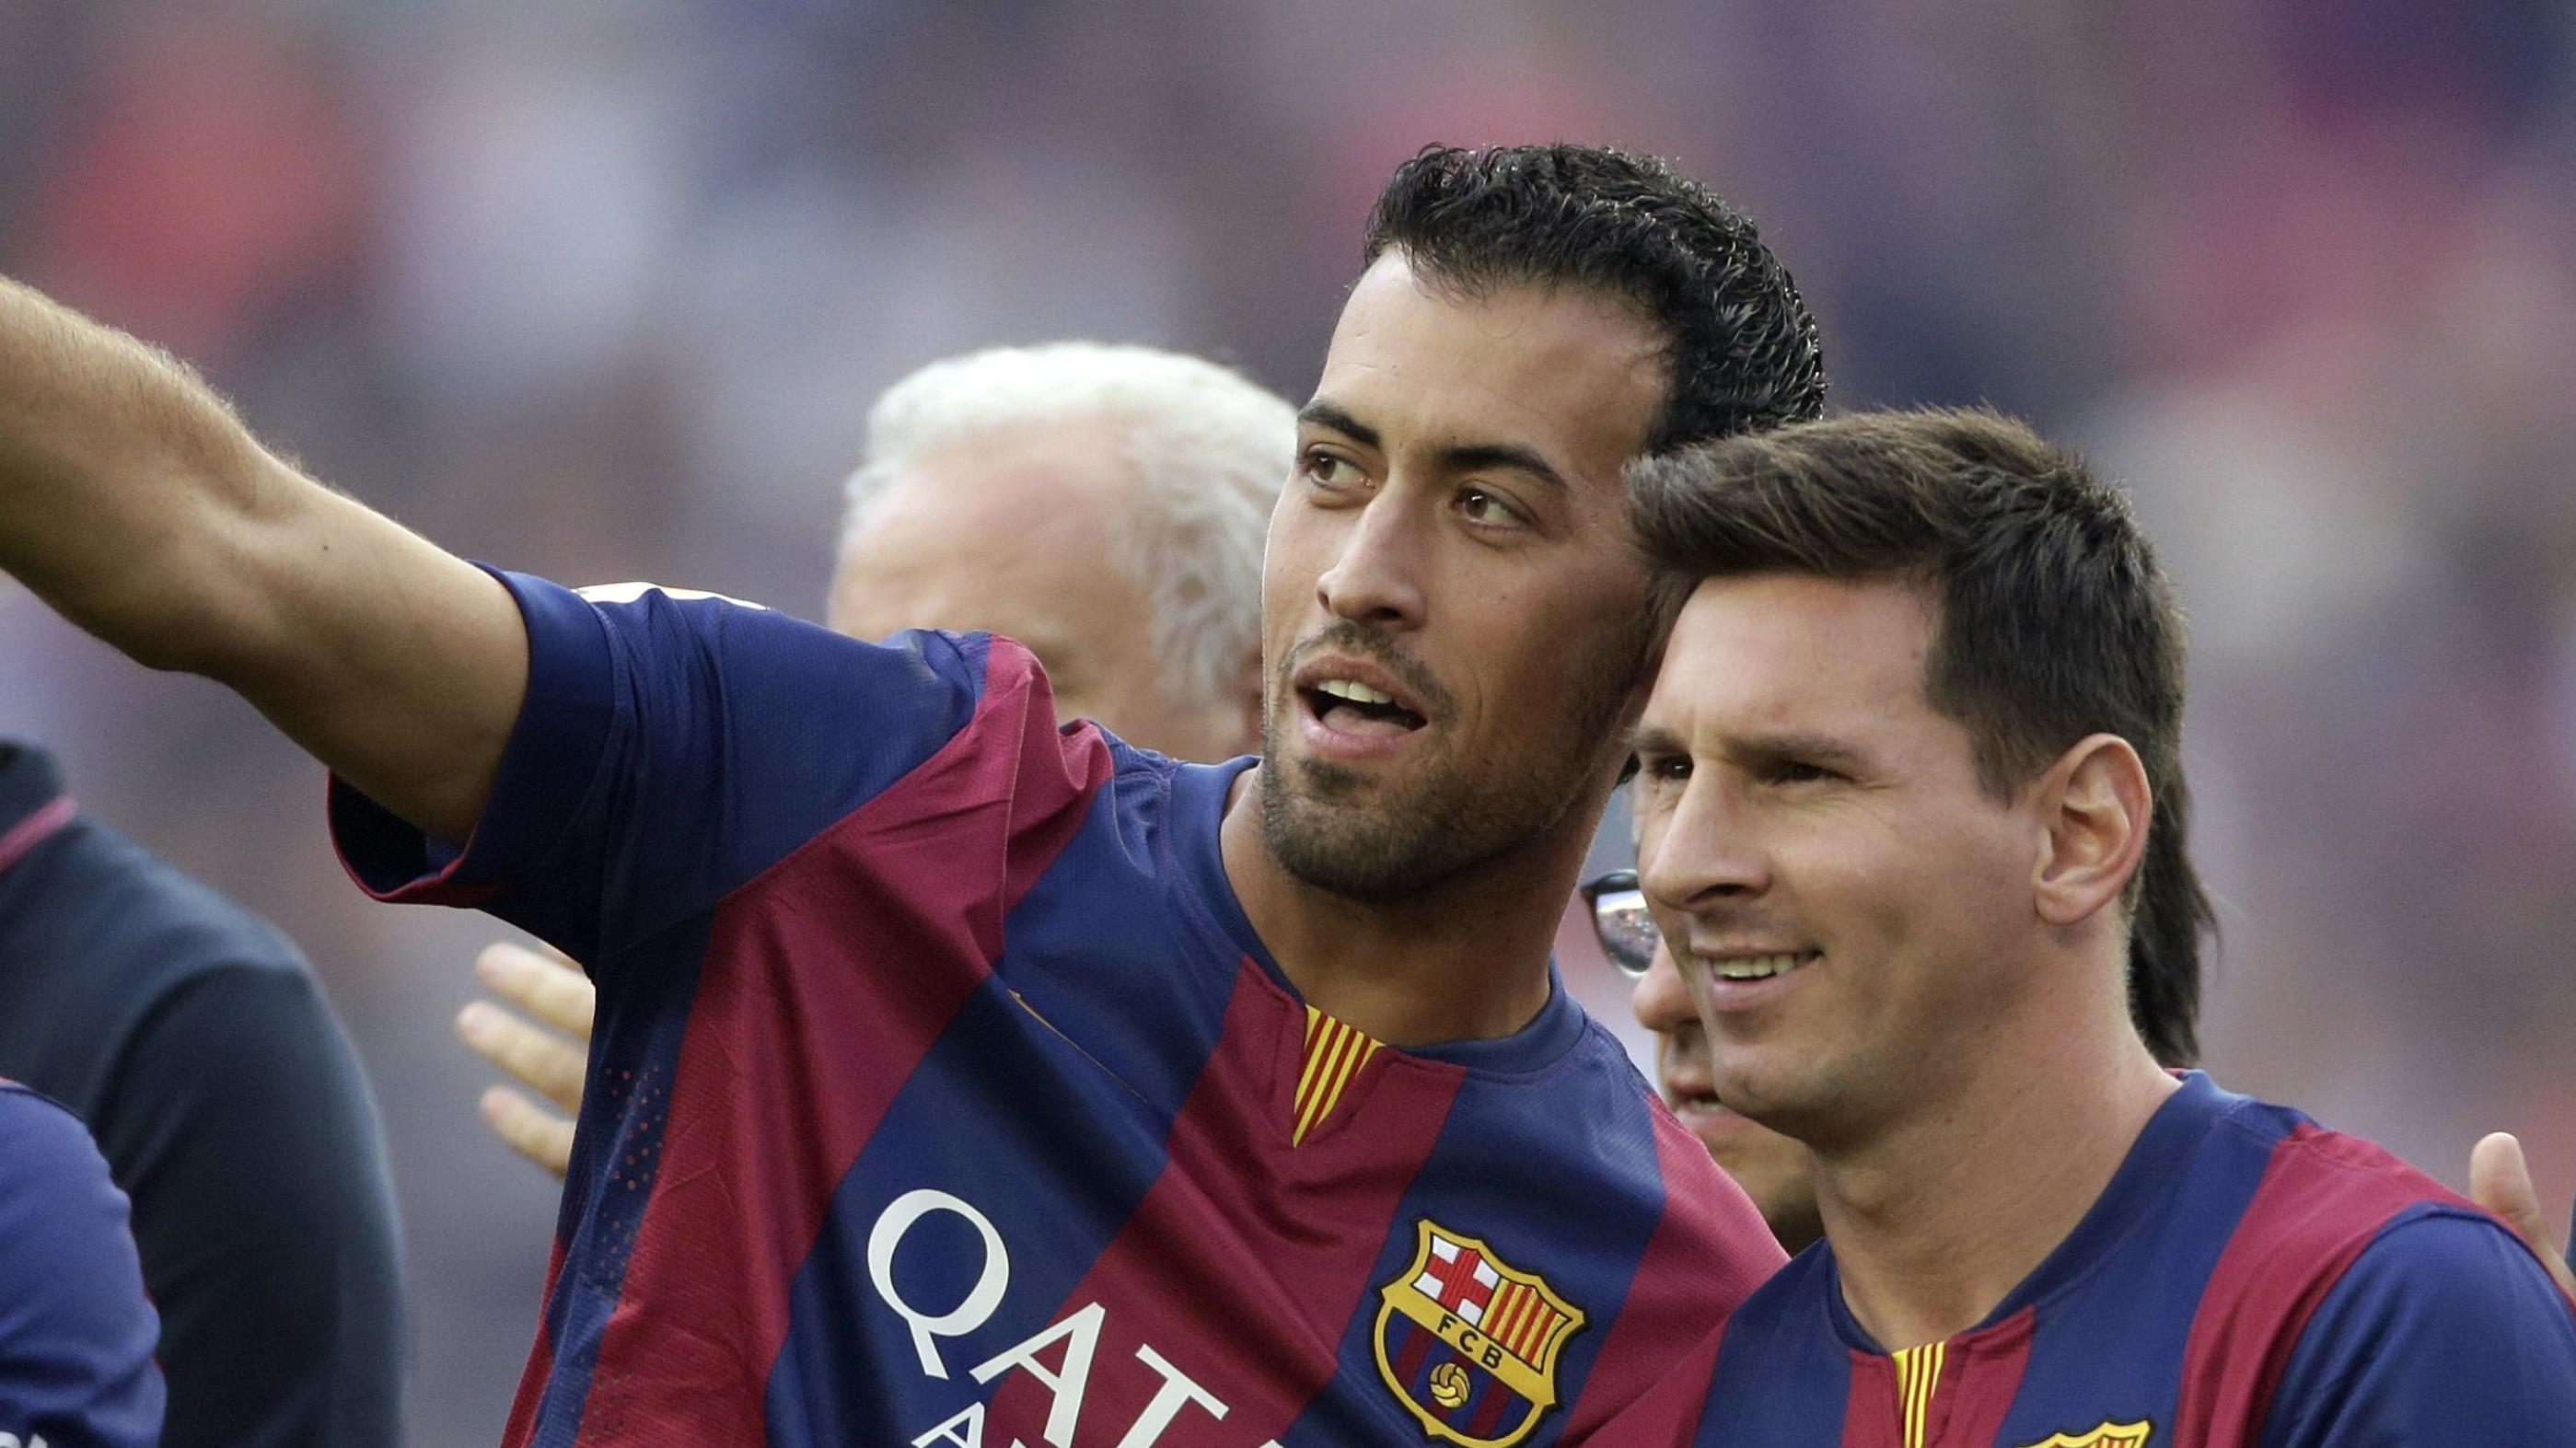 Le point blessés du Barça après la trêve internationale